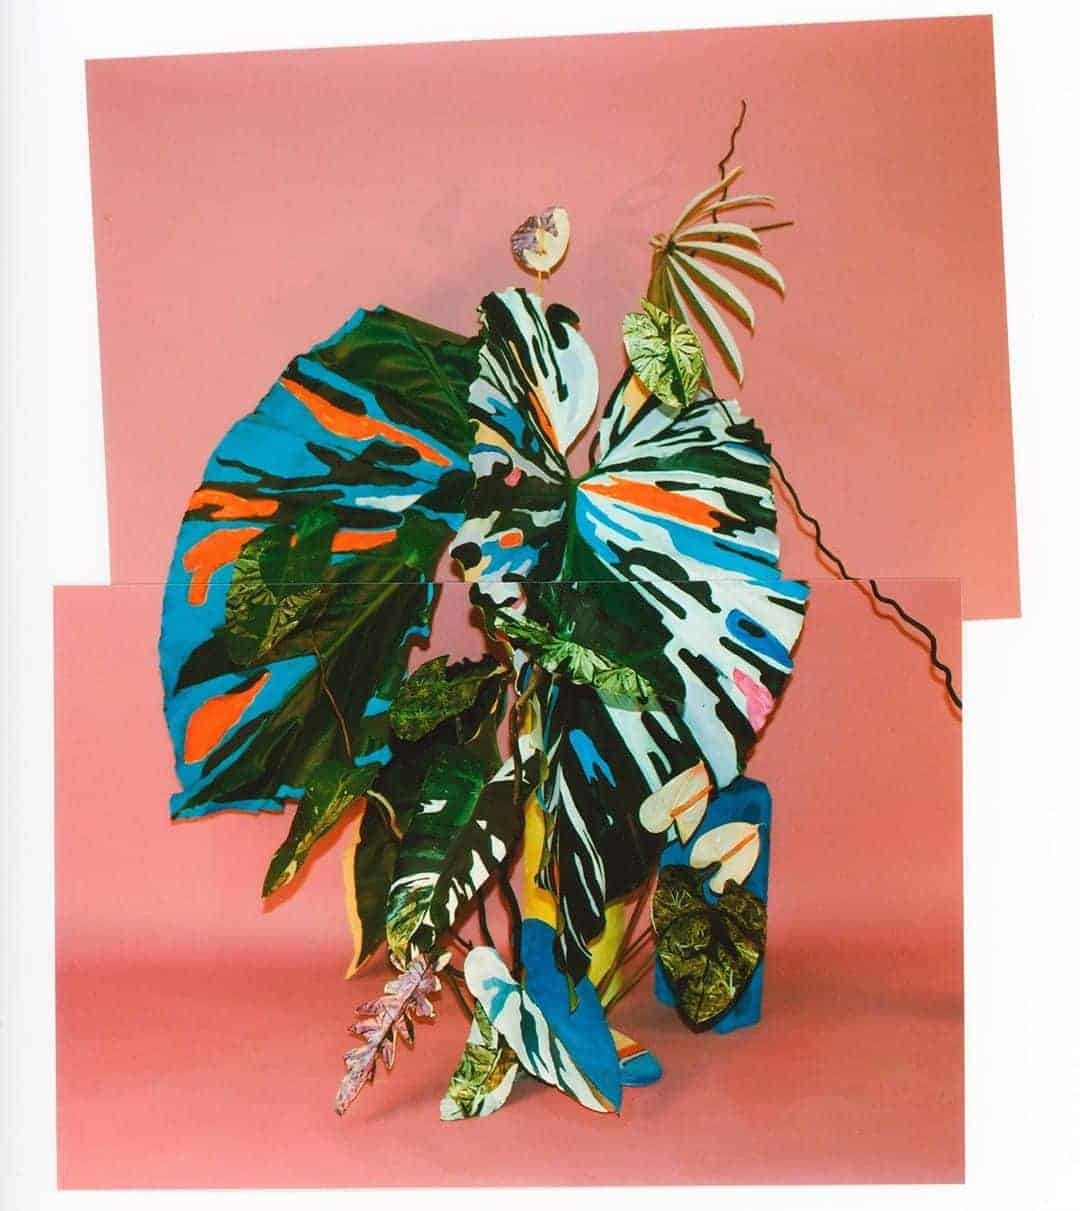 Botanische kunst van Sophie Parker